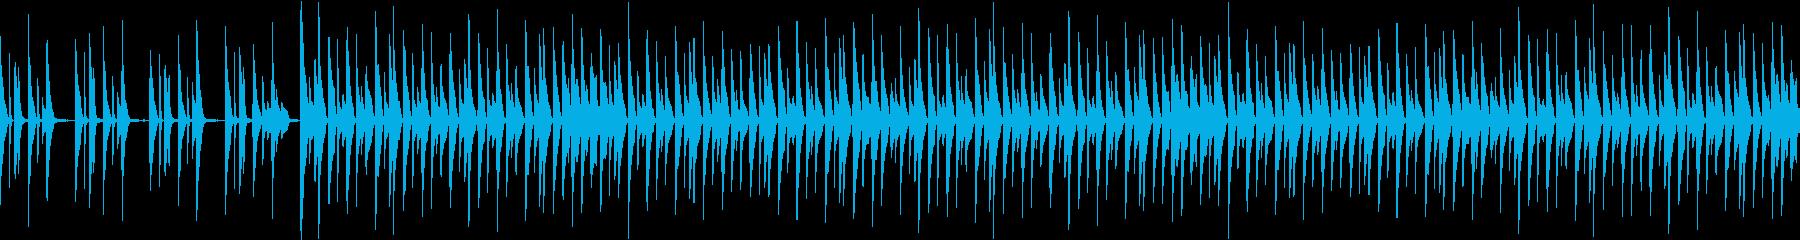 予備校CM風ピコピコサウンドの再生済みの波形